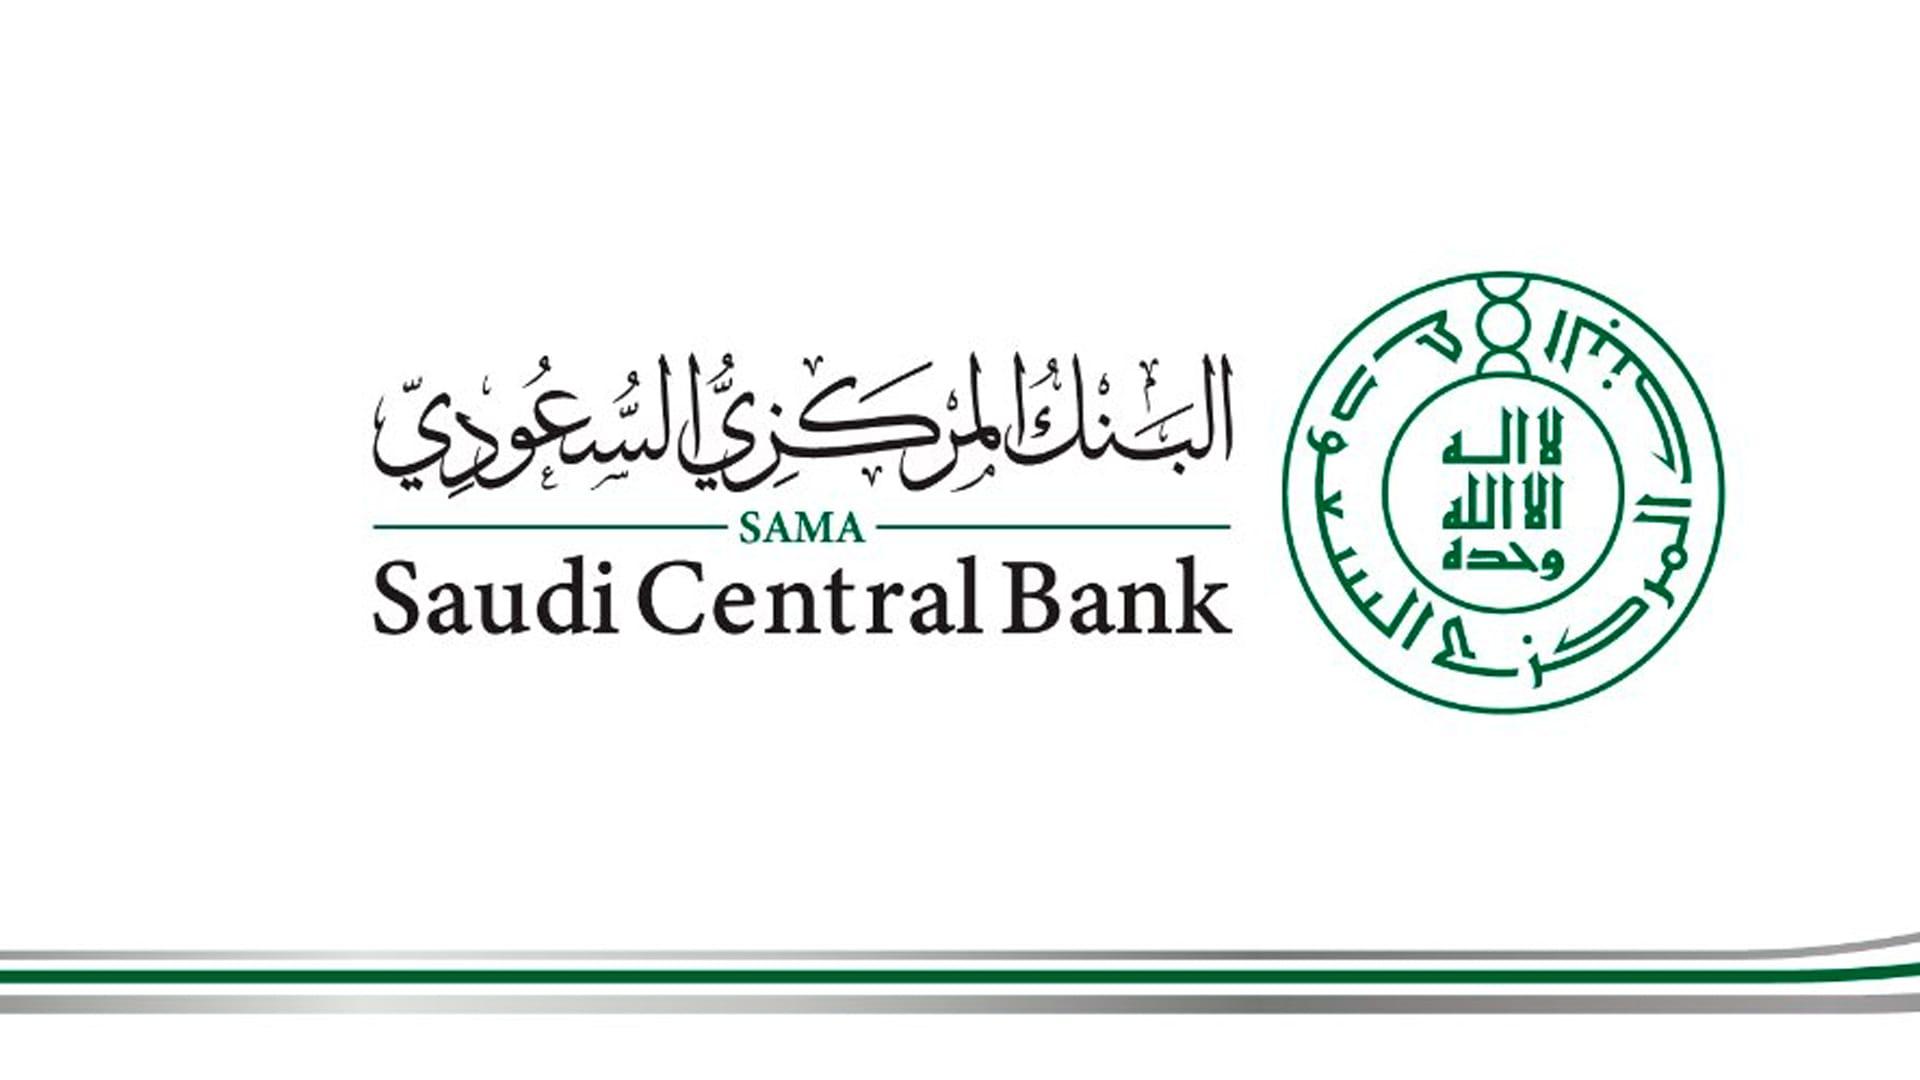 """السعودية تغير اسم مؤسسة النقد العربي إلى """"البنك المركزي السعودي"""""""